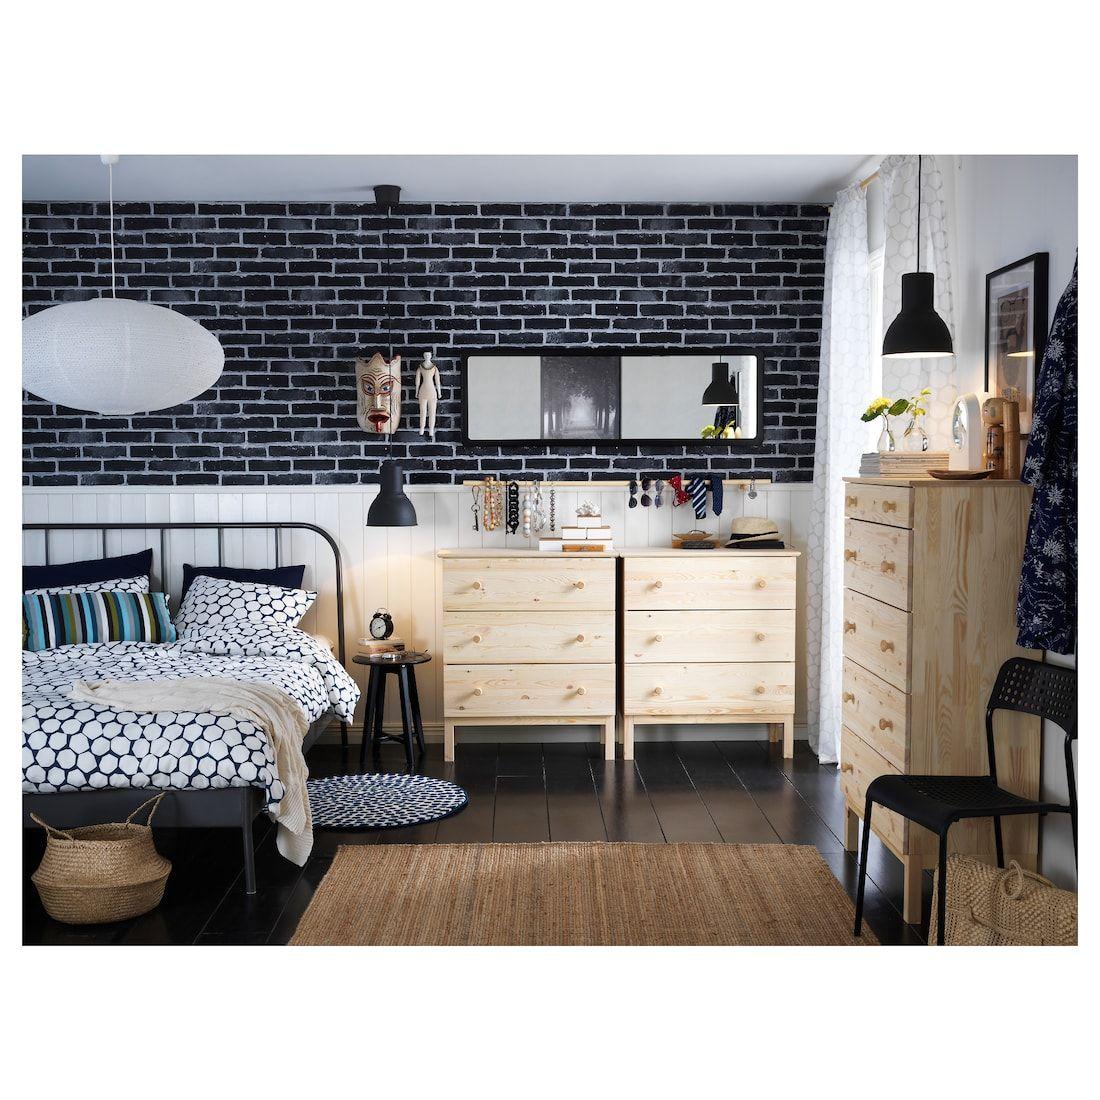 TARVA 79x92 cm 79.99 Спальня, Кровать